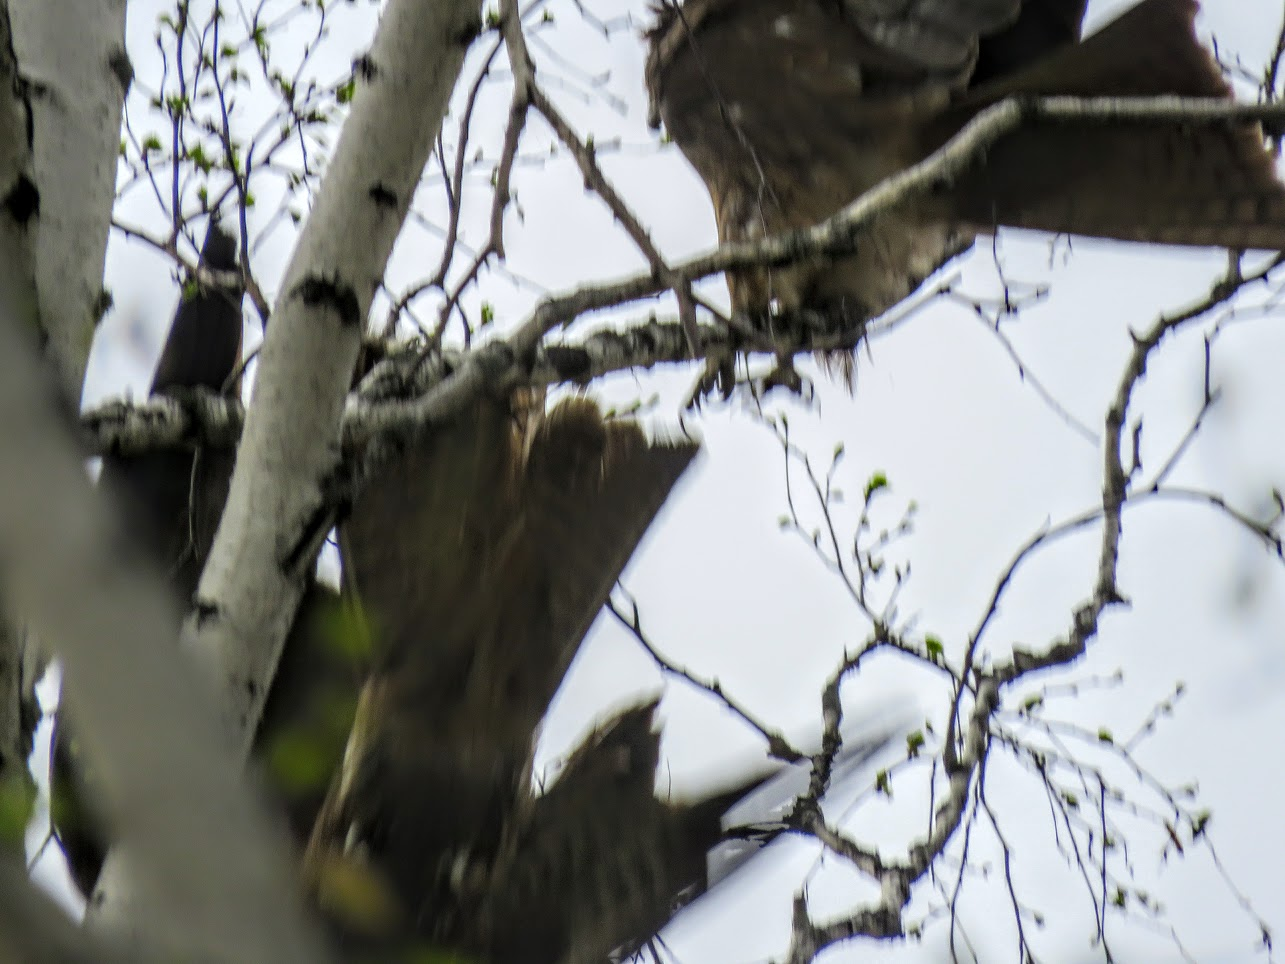 Фотоохота на чёрных коршунов. Рыжие котики и мороженое Сибирские голубые ели) IMG 0163